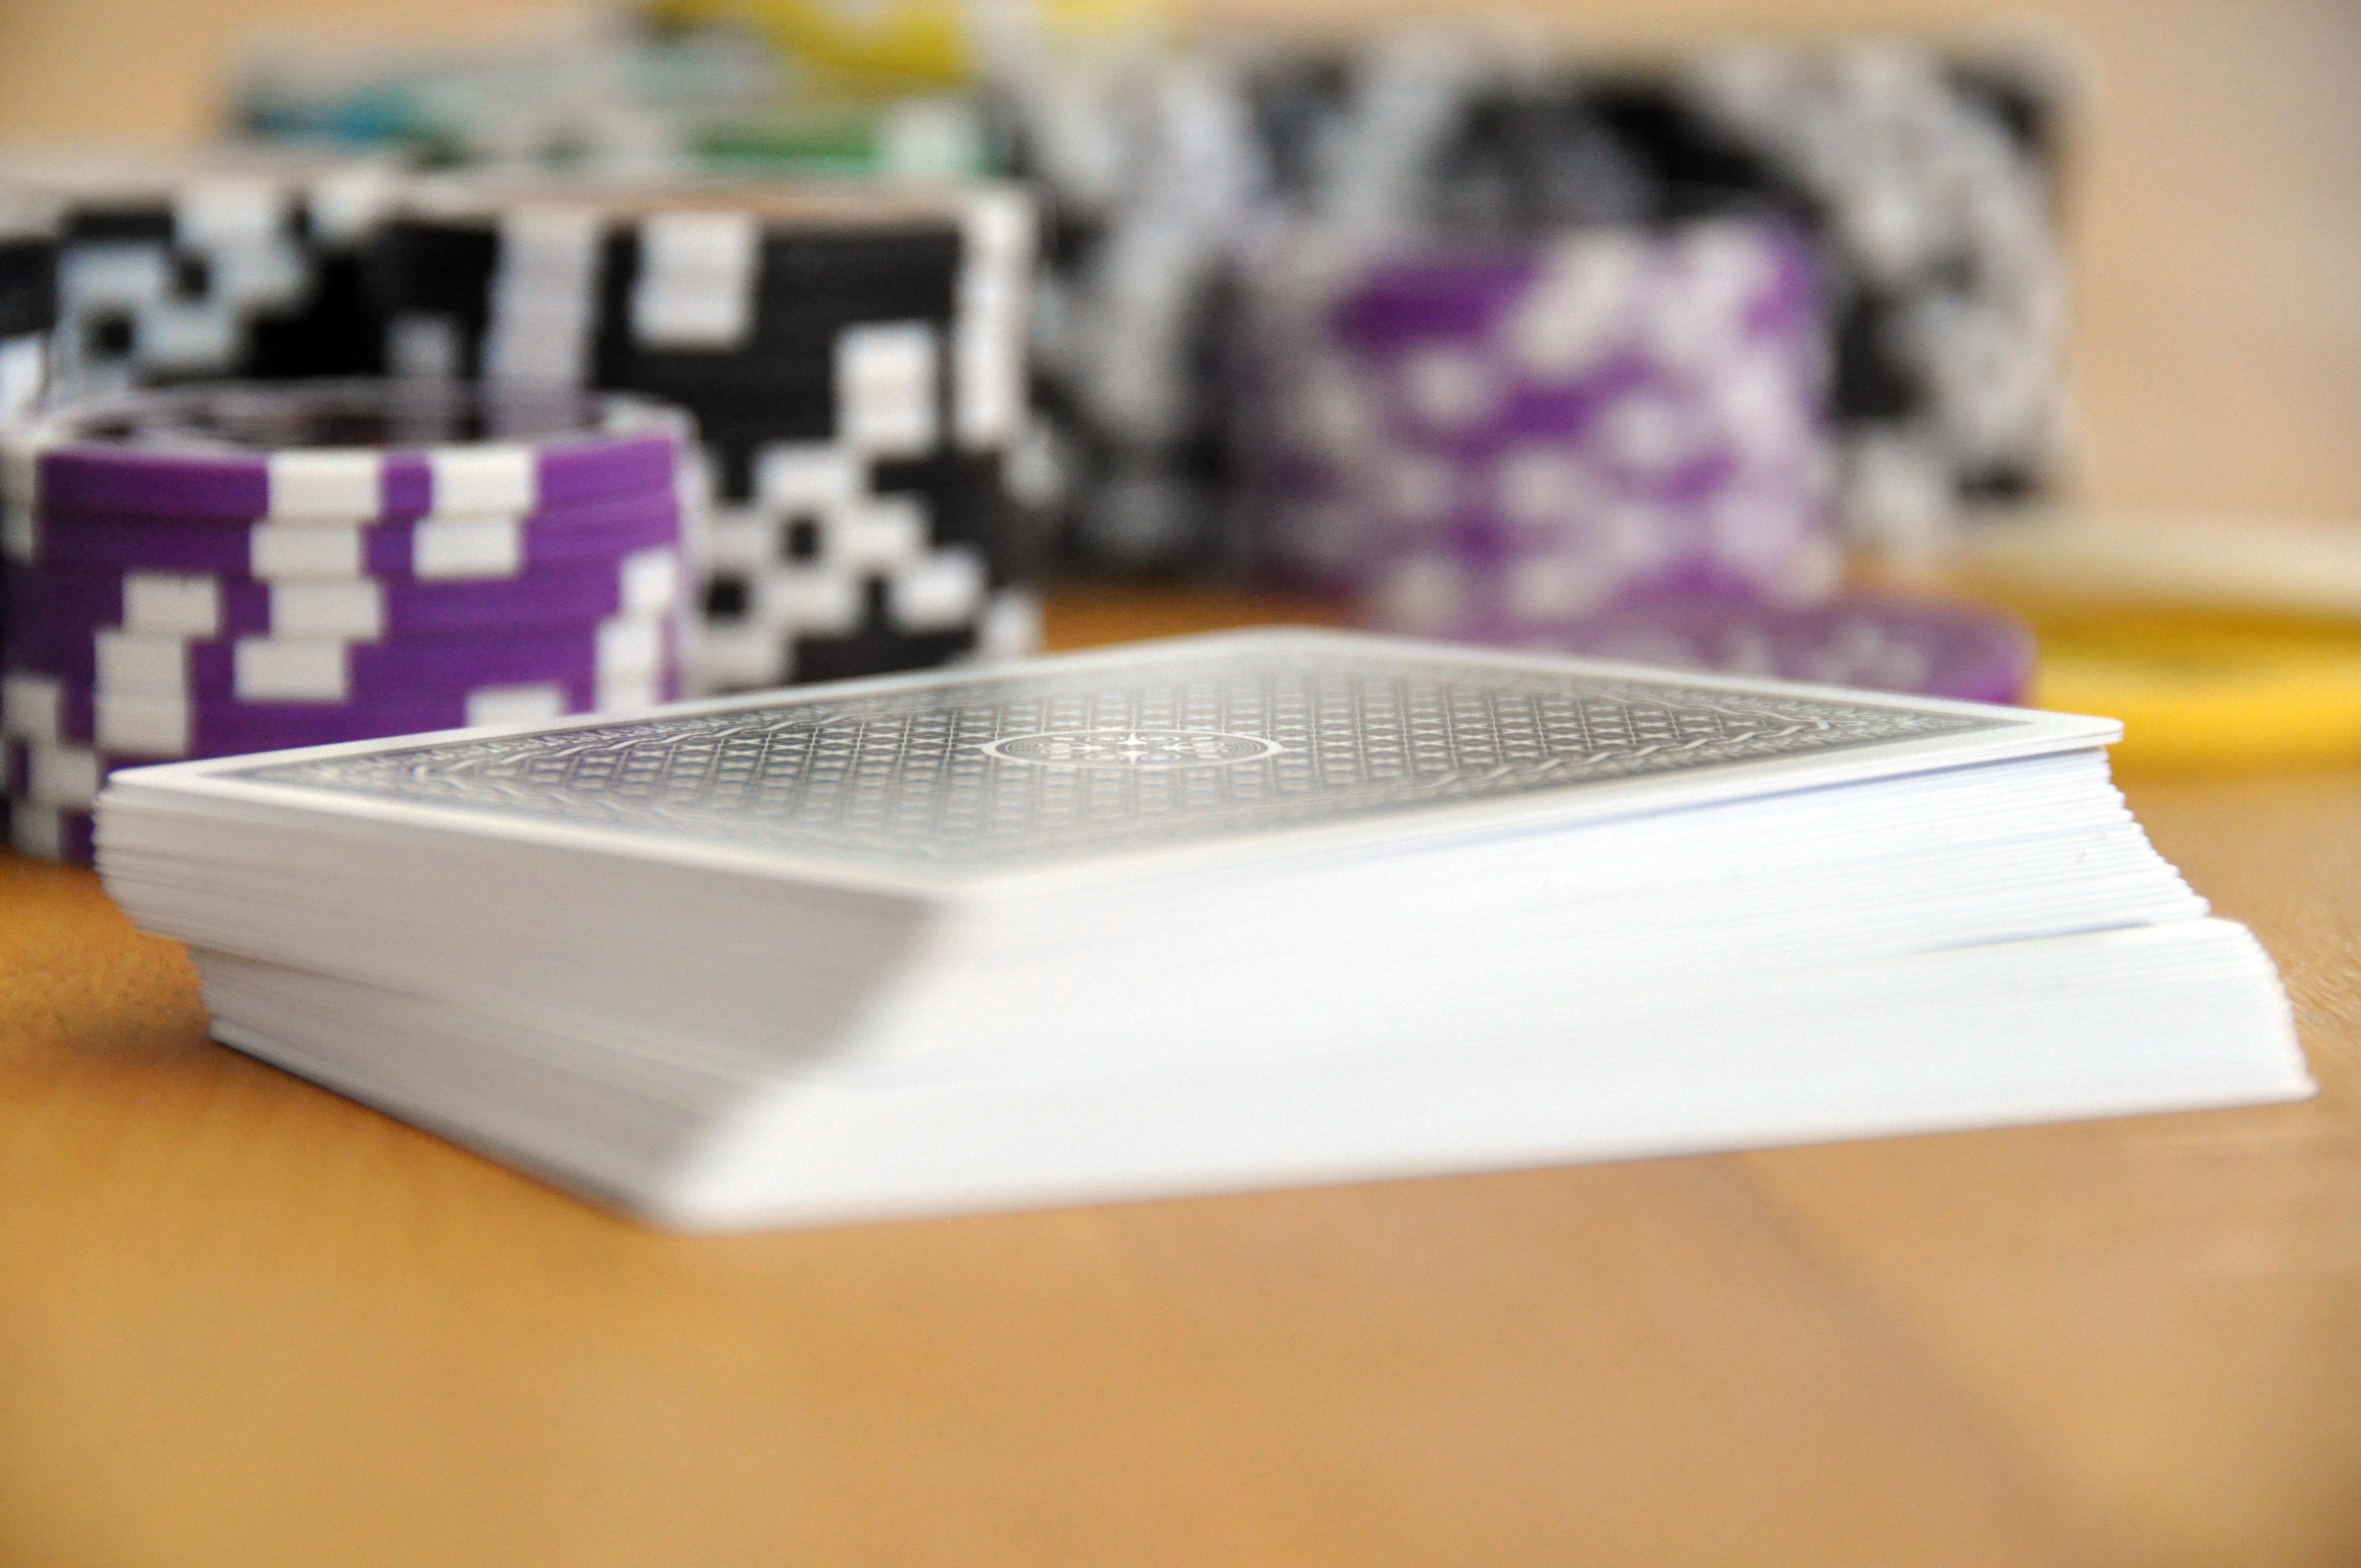 играть Бренд карты казино Азартные игры Чипсы Покер карточная игра Фишки для покера